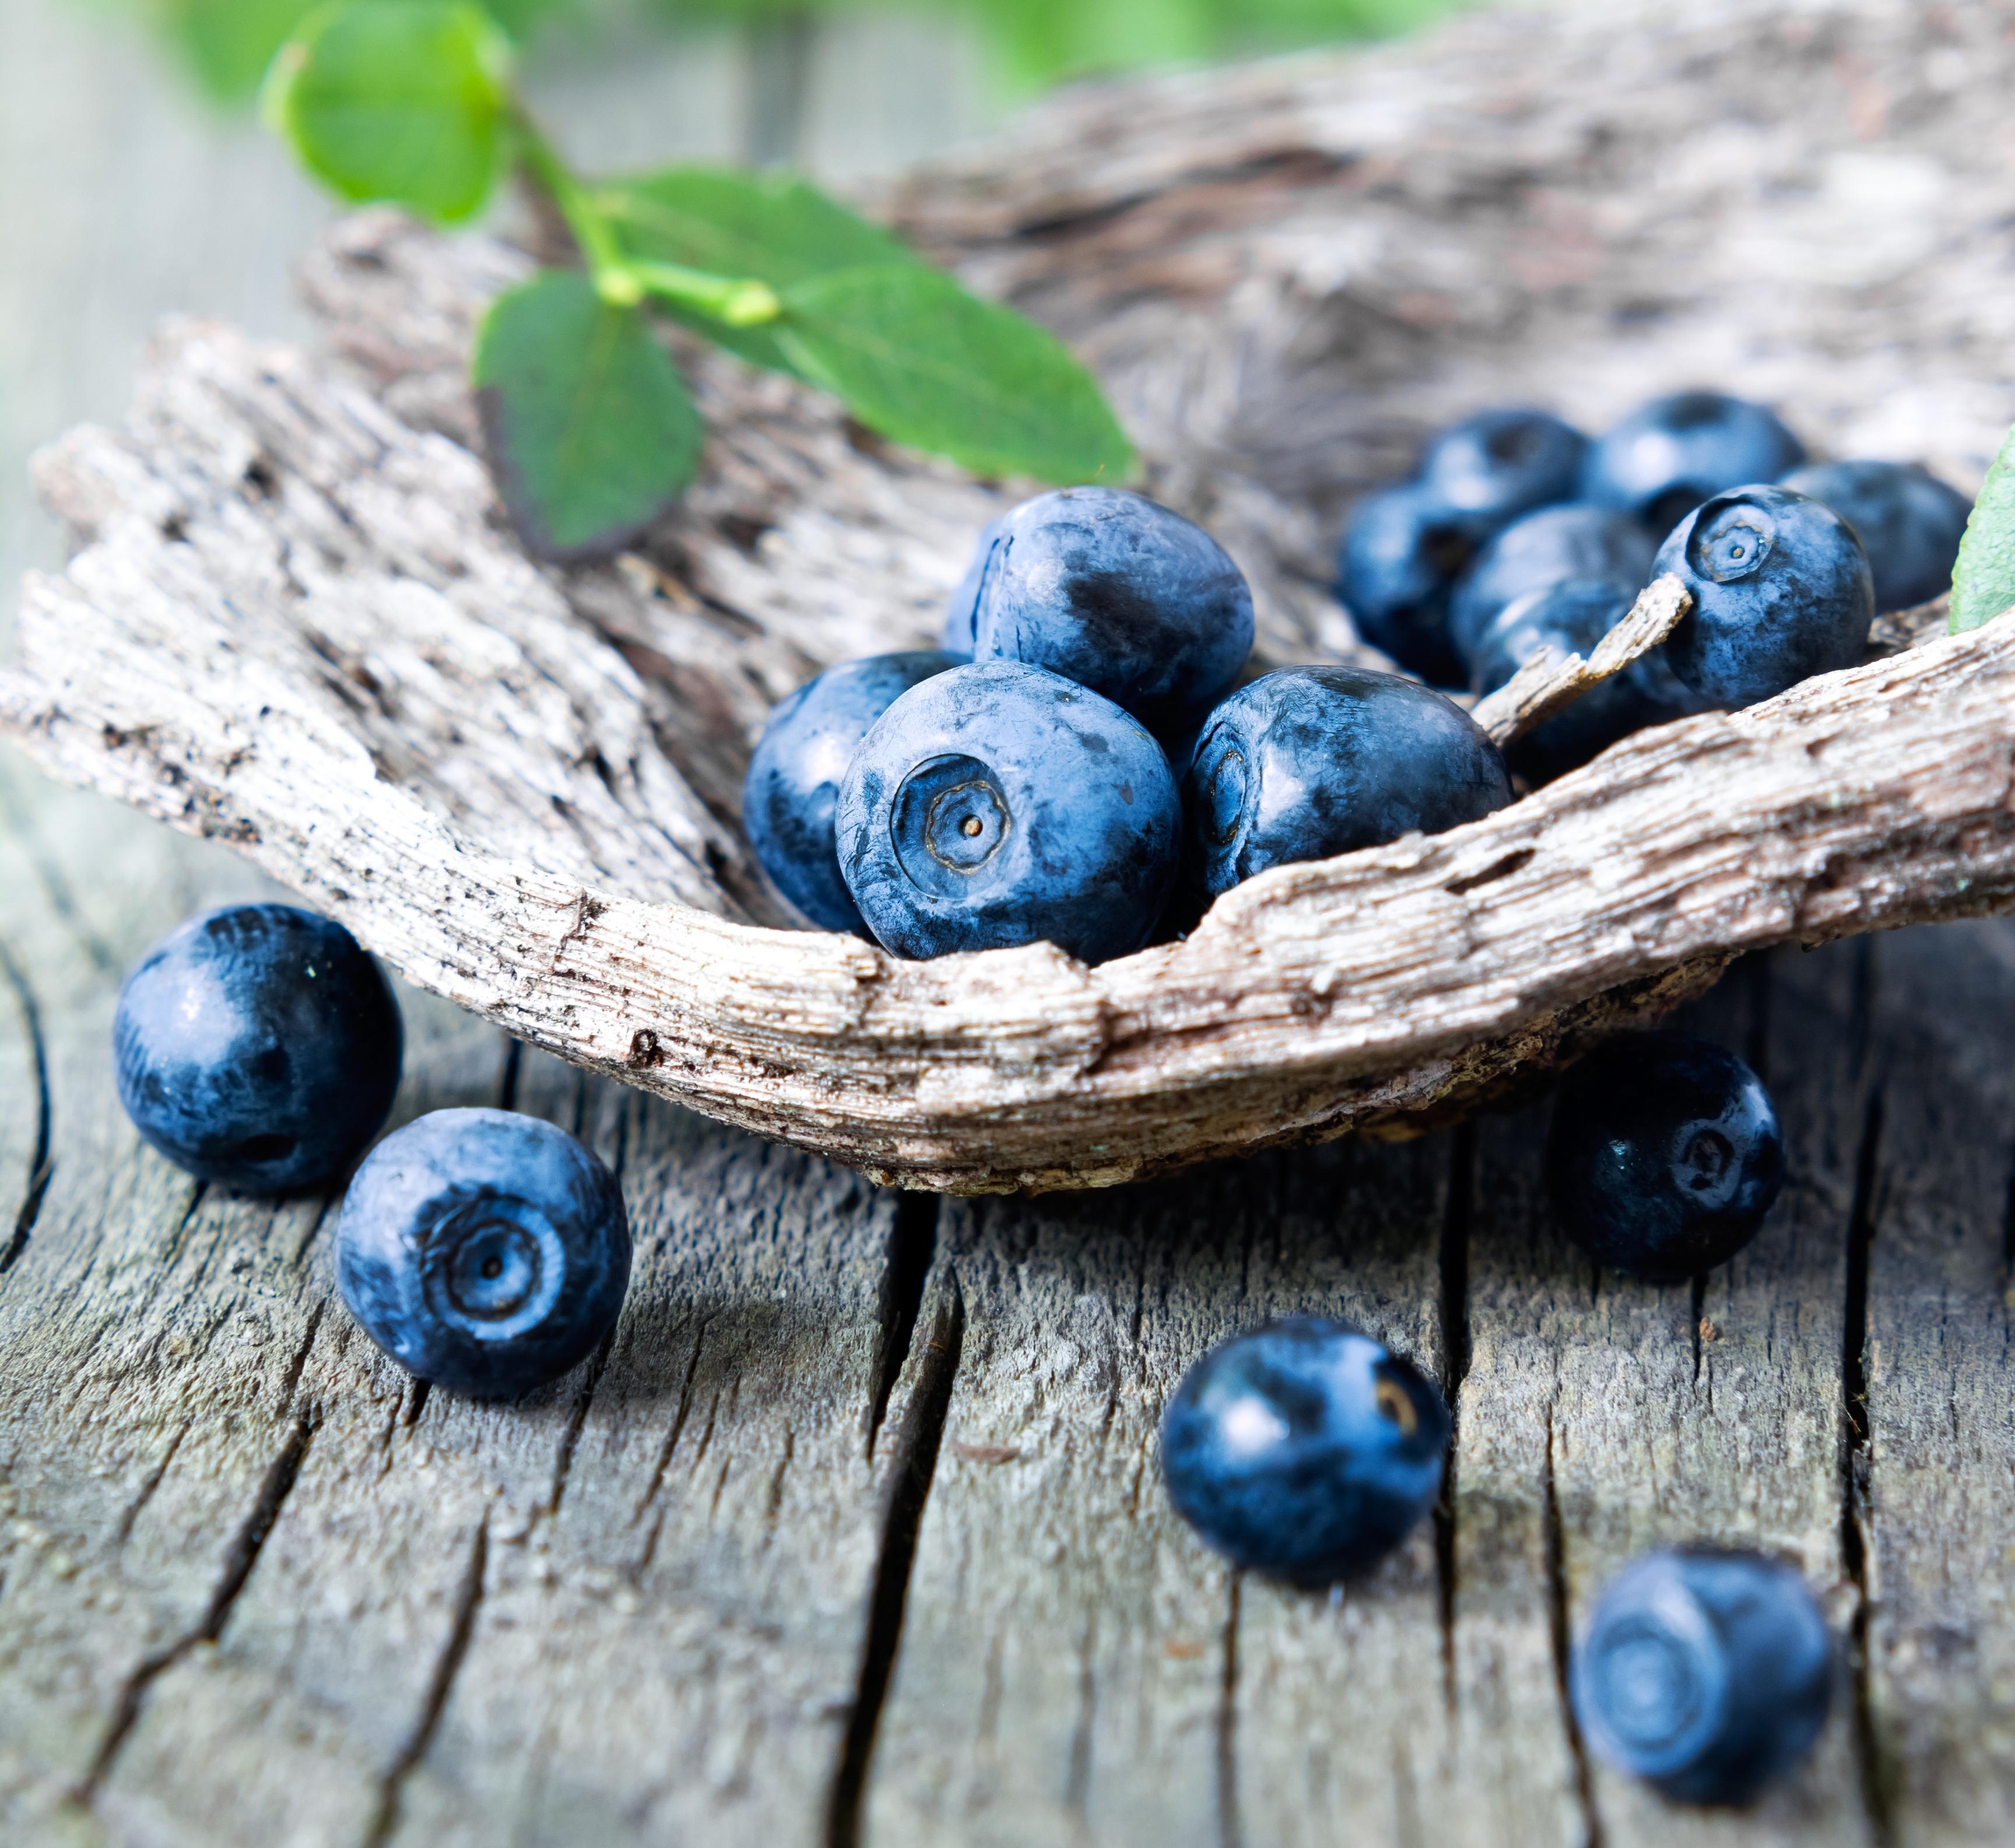 Обои черника, wood, berries, голубика, Blueberry. Еда foto 10